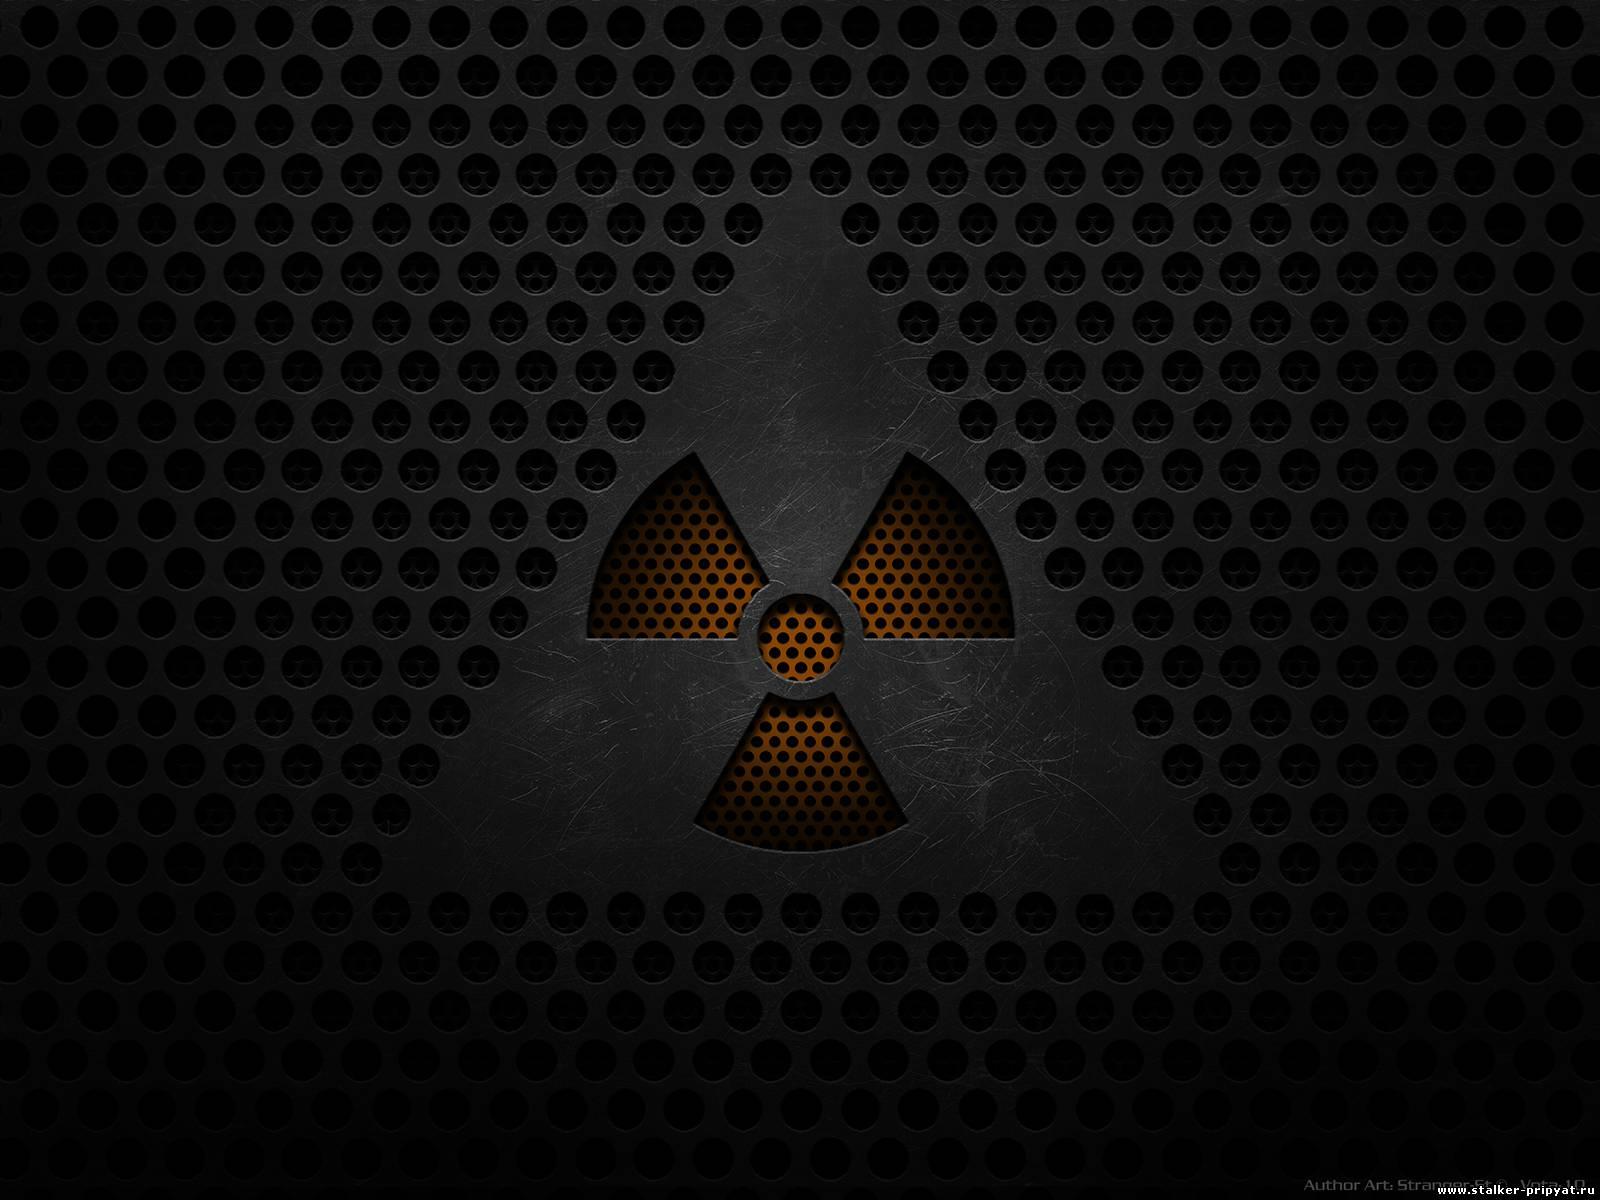 радиация, скачать фото, обои для рабочего стола